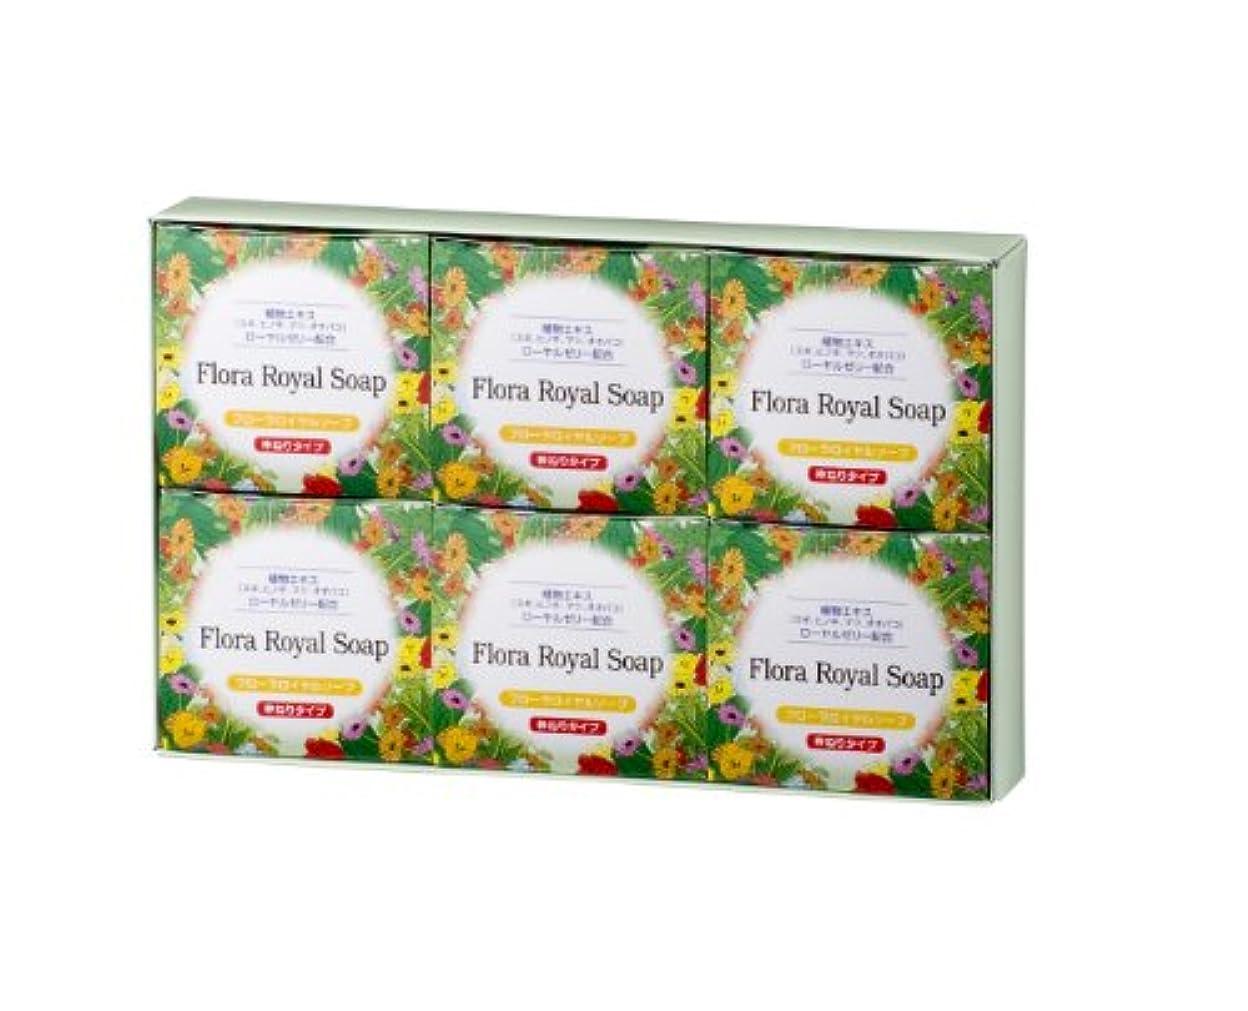 フローラ 植物エキスボディソープ(無香料) フローラロイヤルソープ  6個セット